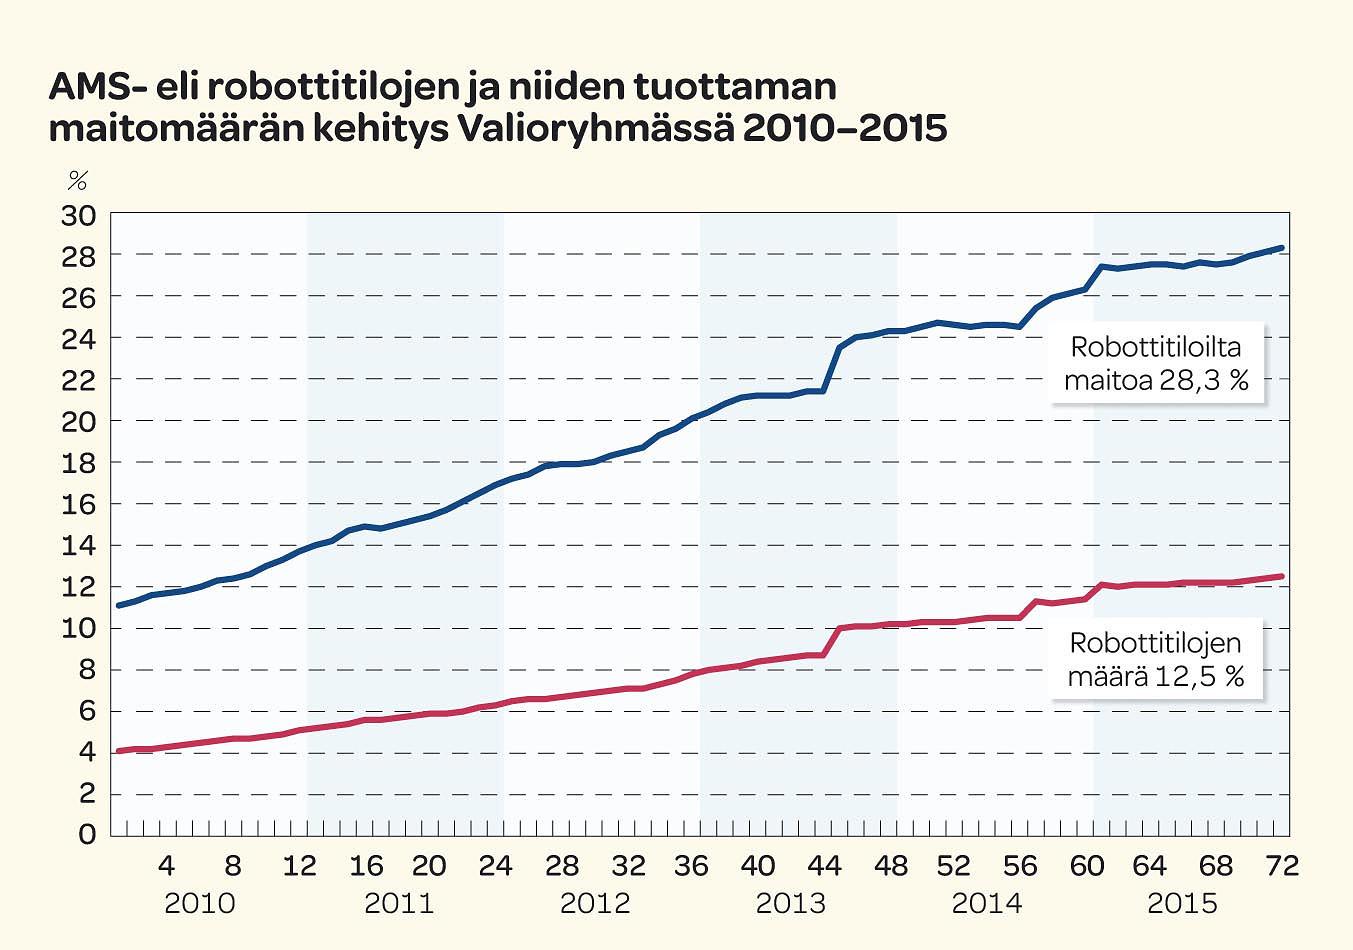 AMS- eli robottitilojen ja niiden tuottaman maitomäärän kehitys Valioryhmissä 2010-2015